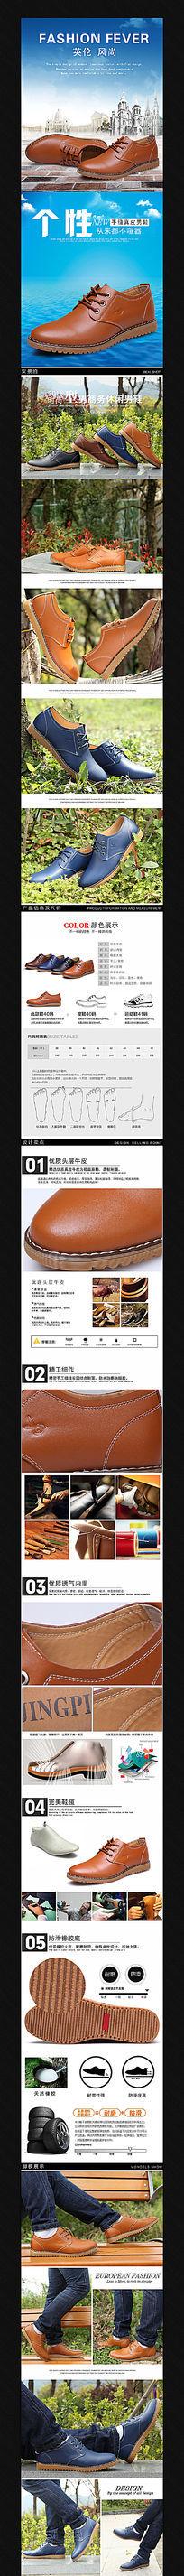 淘宝冬季男鞋详情页描述图